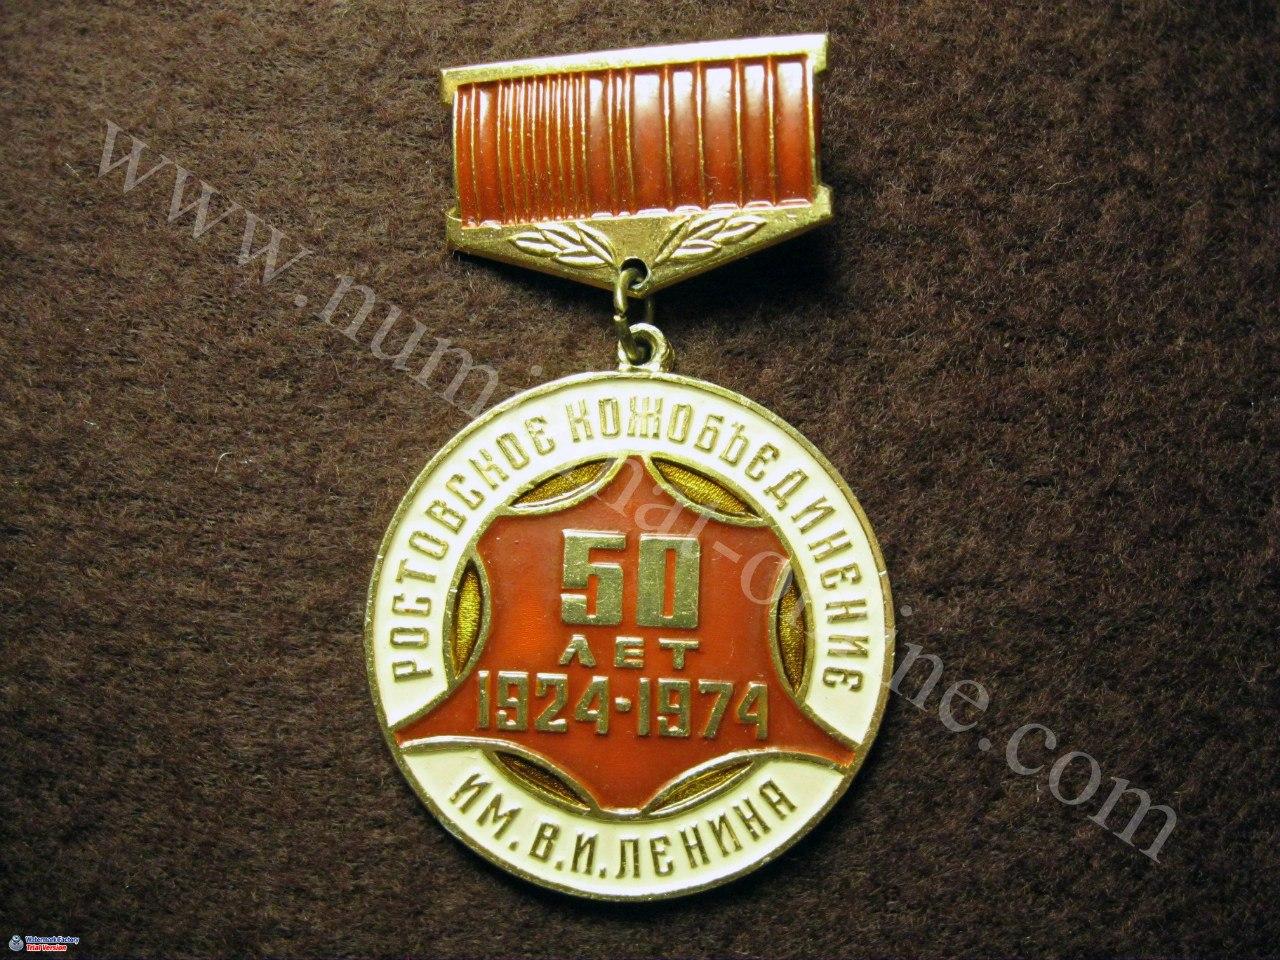 50 лет ростовскому КожОбъединению. Знак. Крепление булавочное